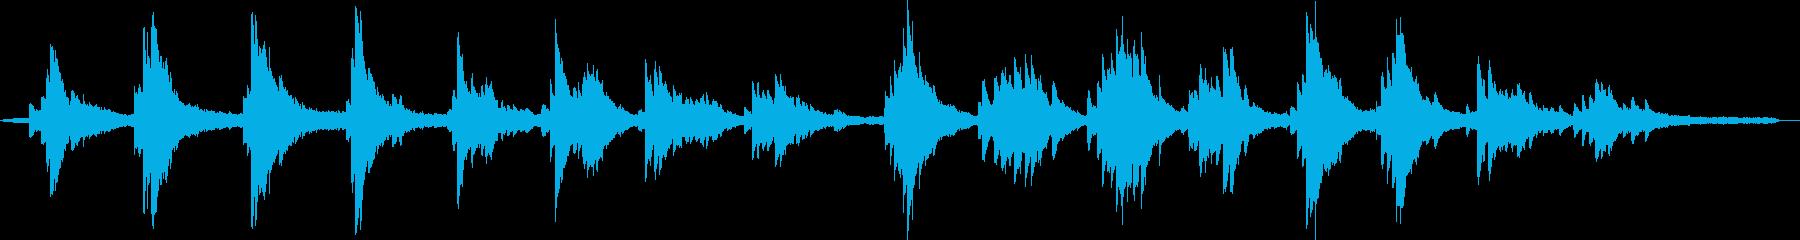 楽観的なピアノベースのキュー。劇的...の再生済みの波形